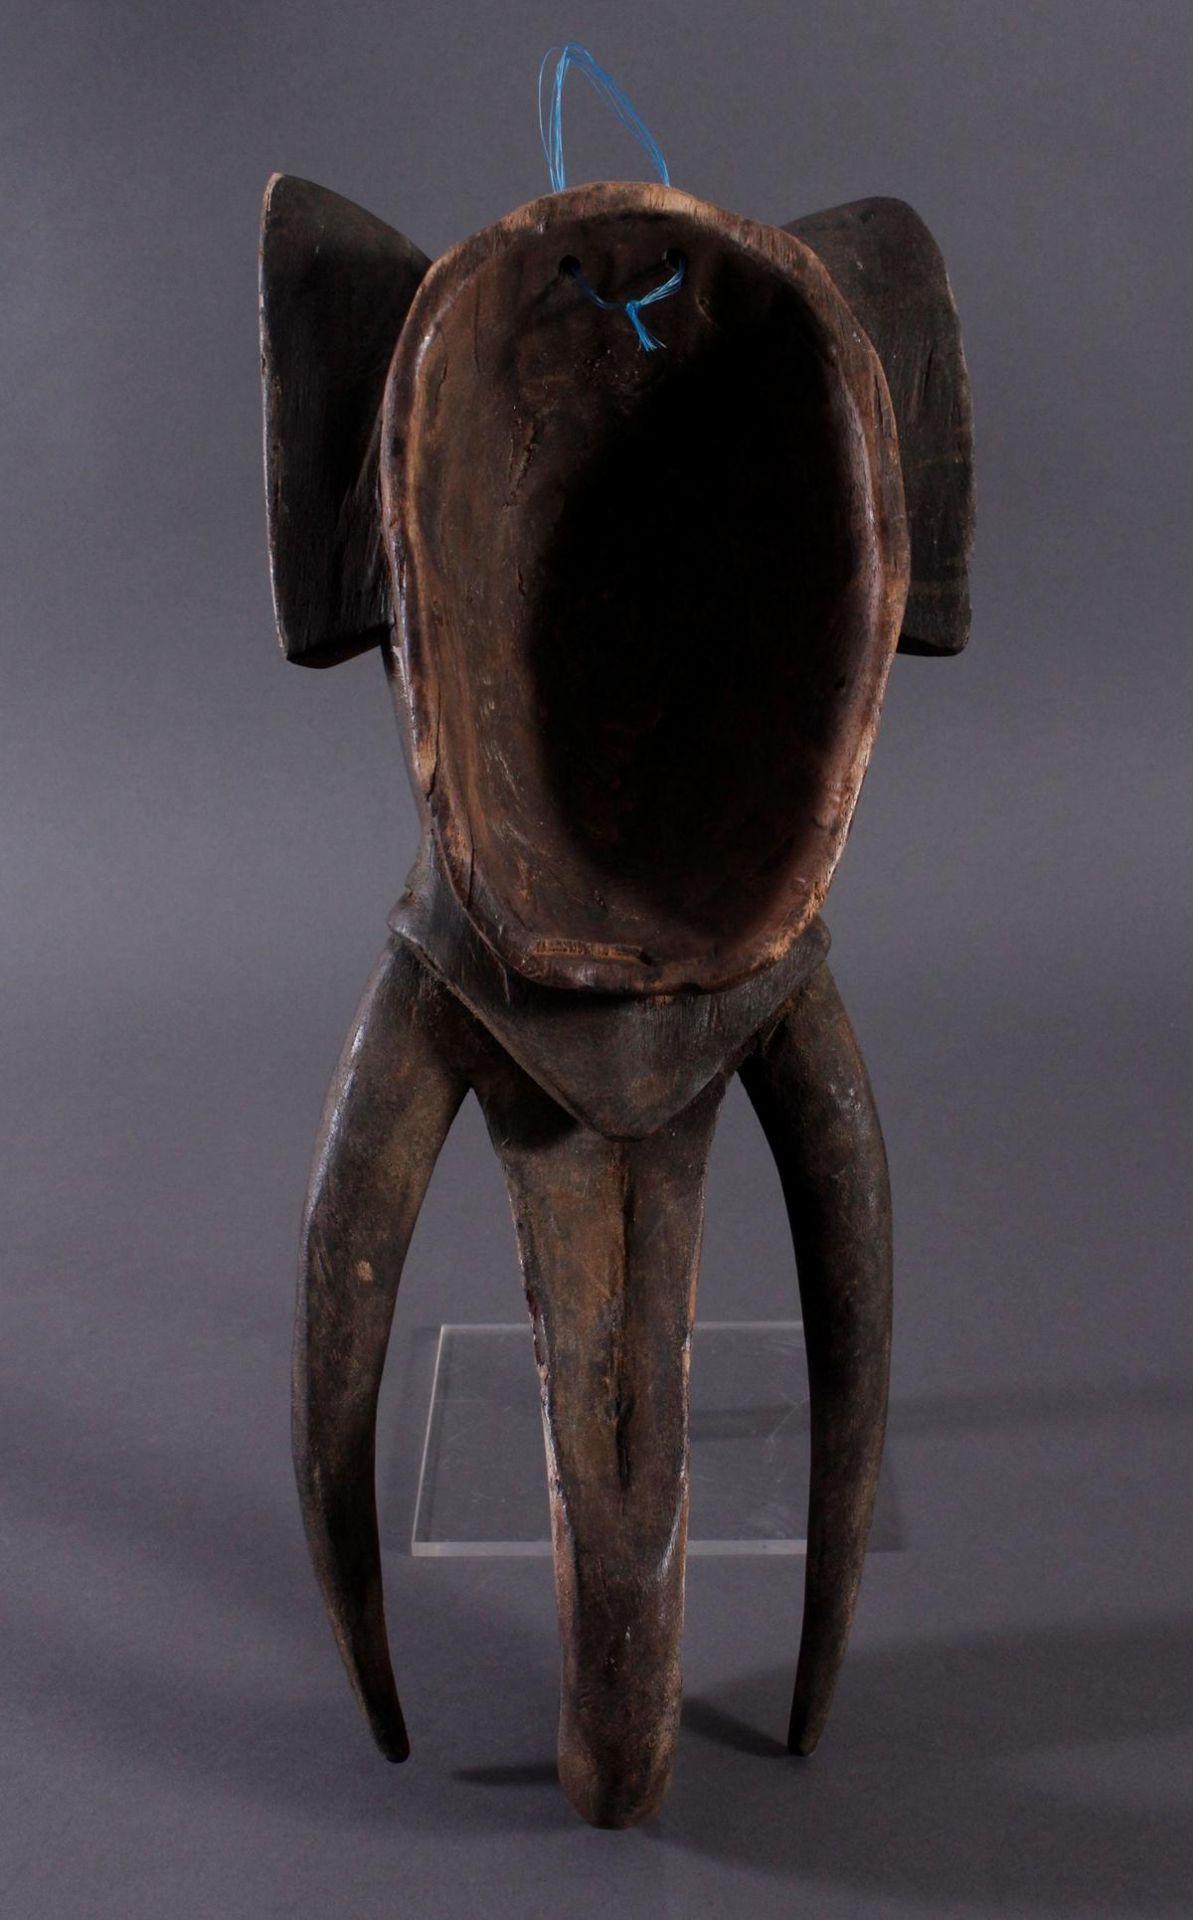 Antike Zoomorphe Maske, Elefant, Gouro 1. Hälfte 20. Jh.Holz geschnitzt, farbig gefasst, ca. 13,5 - Bild 5 aus 5